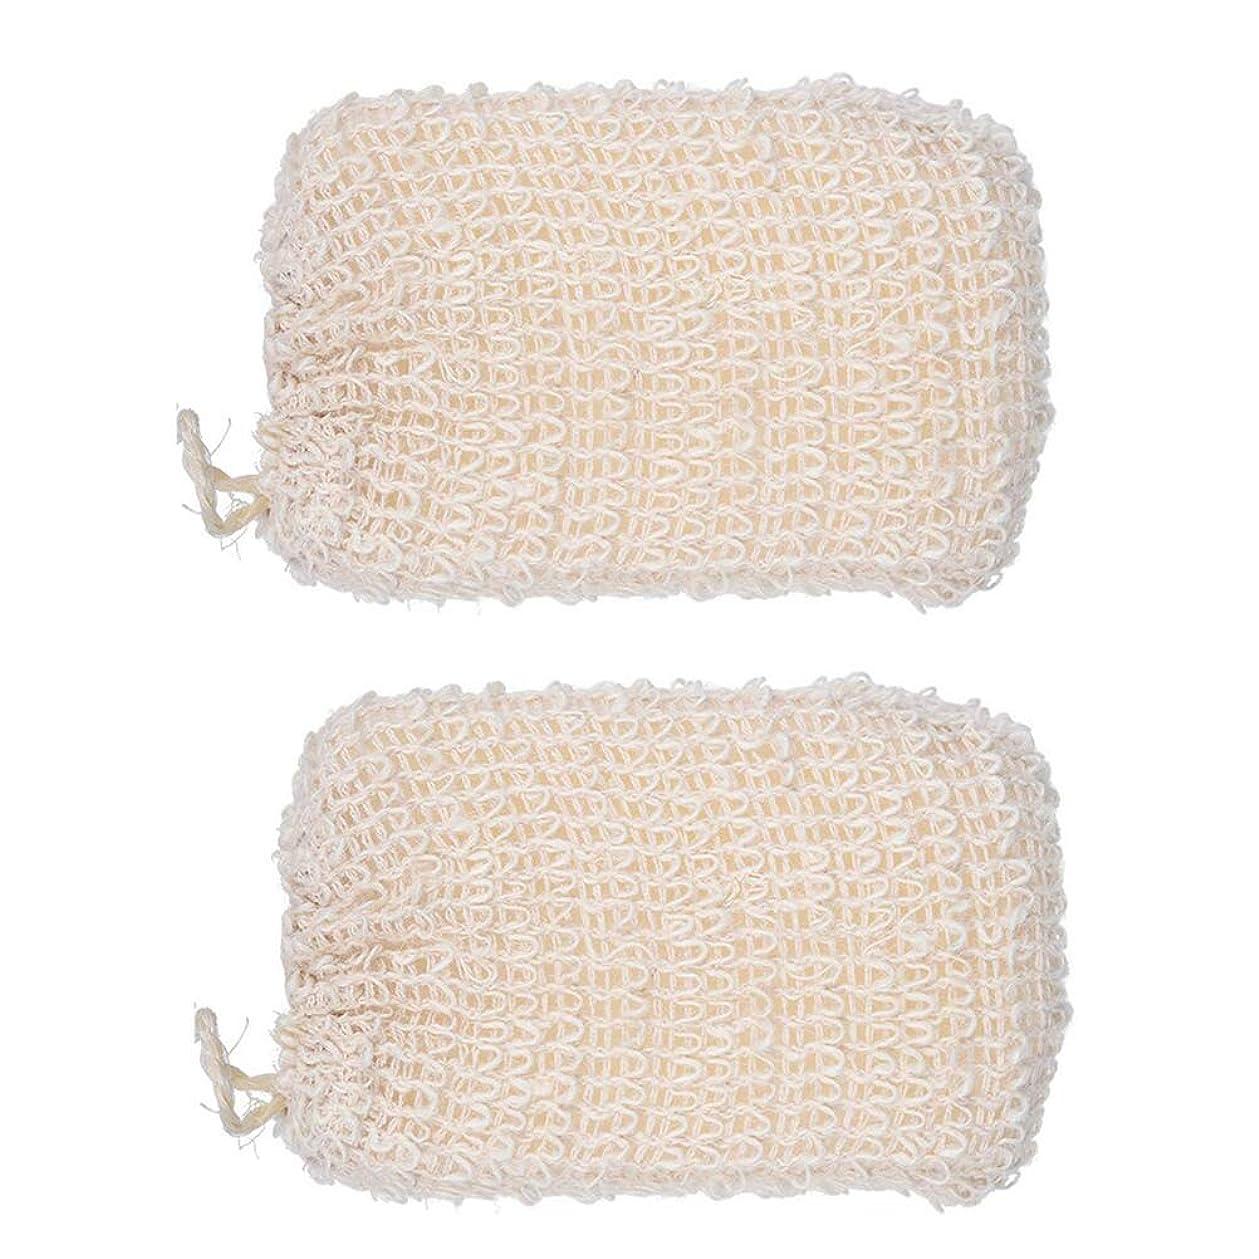 きつく付与ウガンダBeaupretty 2ピース風呂スポンジ植物綿とリネン風呂ブラシ柔らかい風呂スポンジスクラバー用女性赤ちゃん子供(ベージュ)